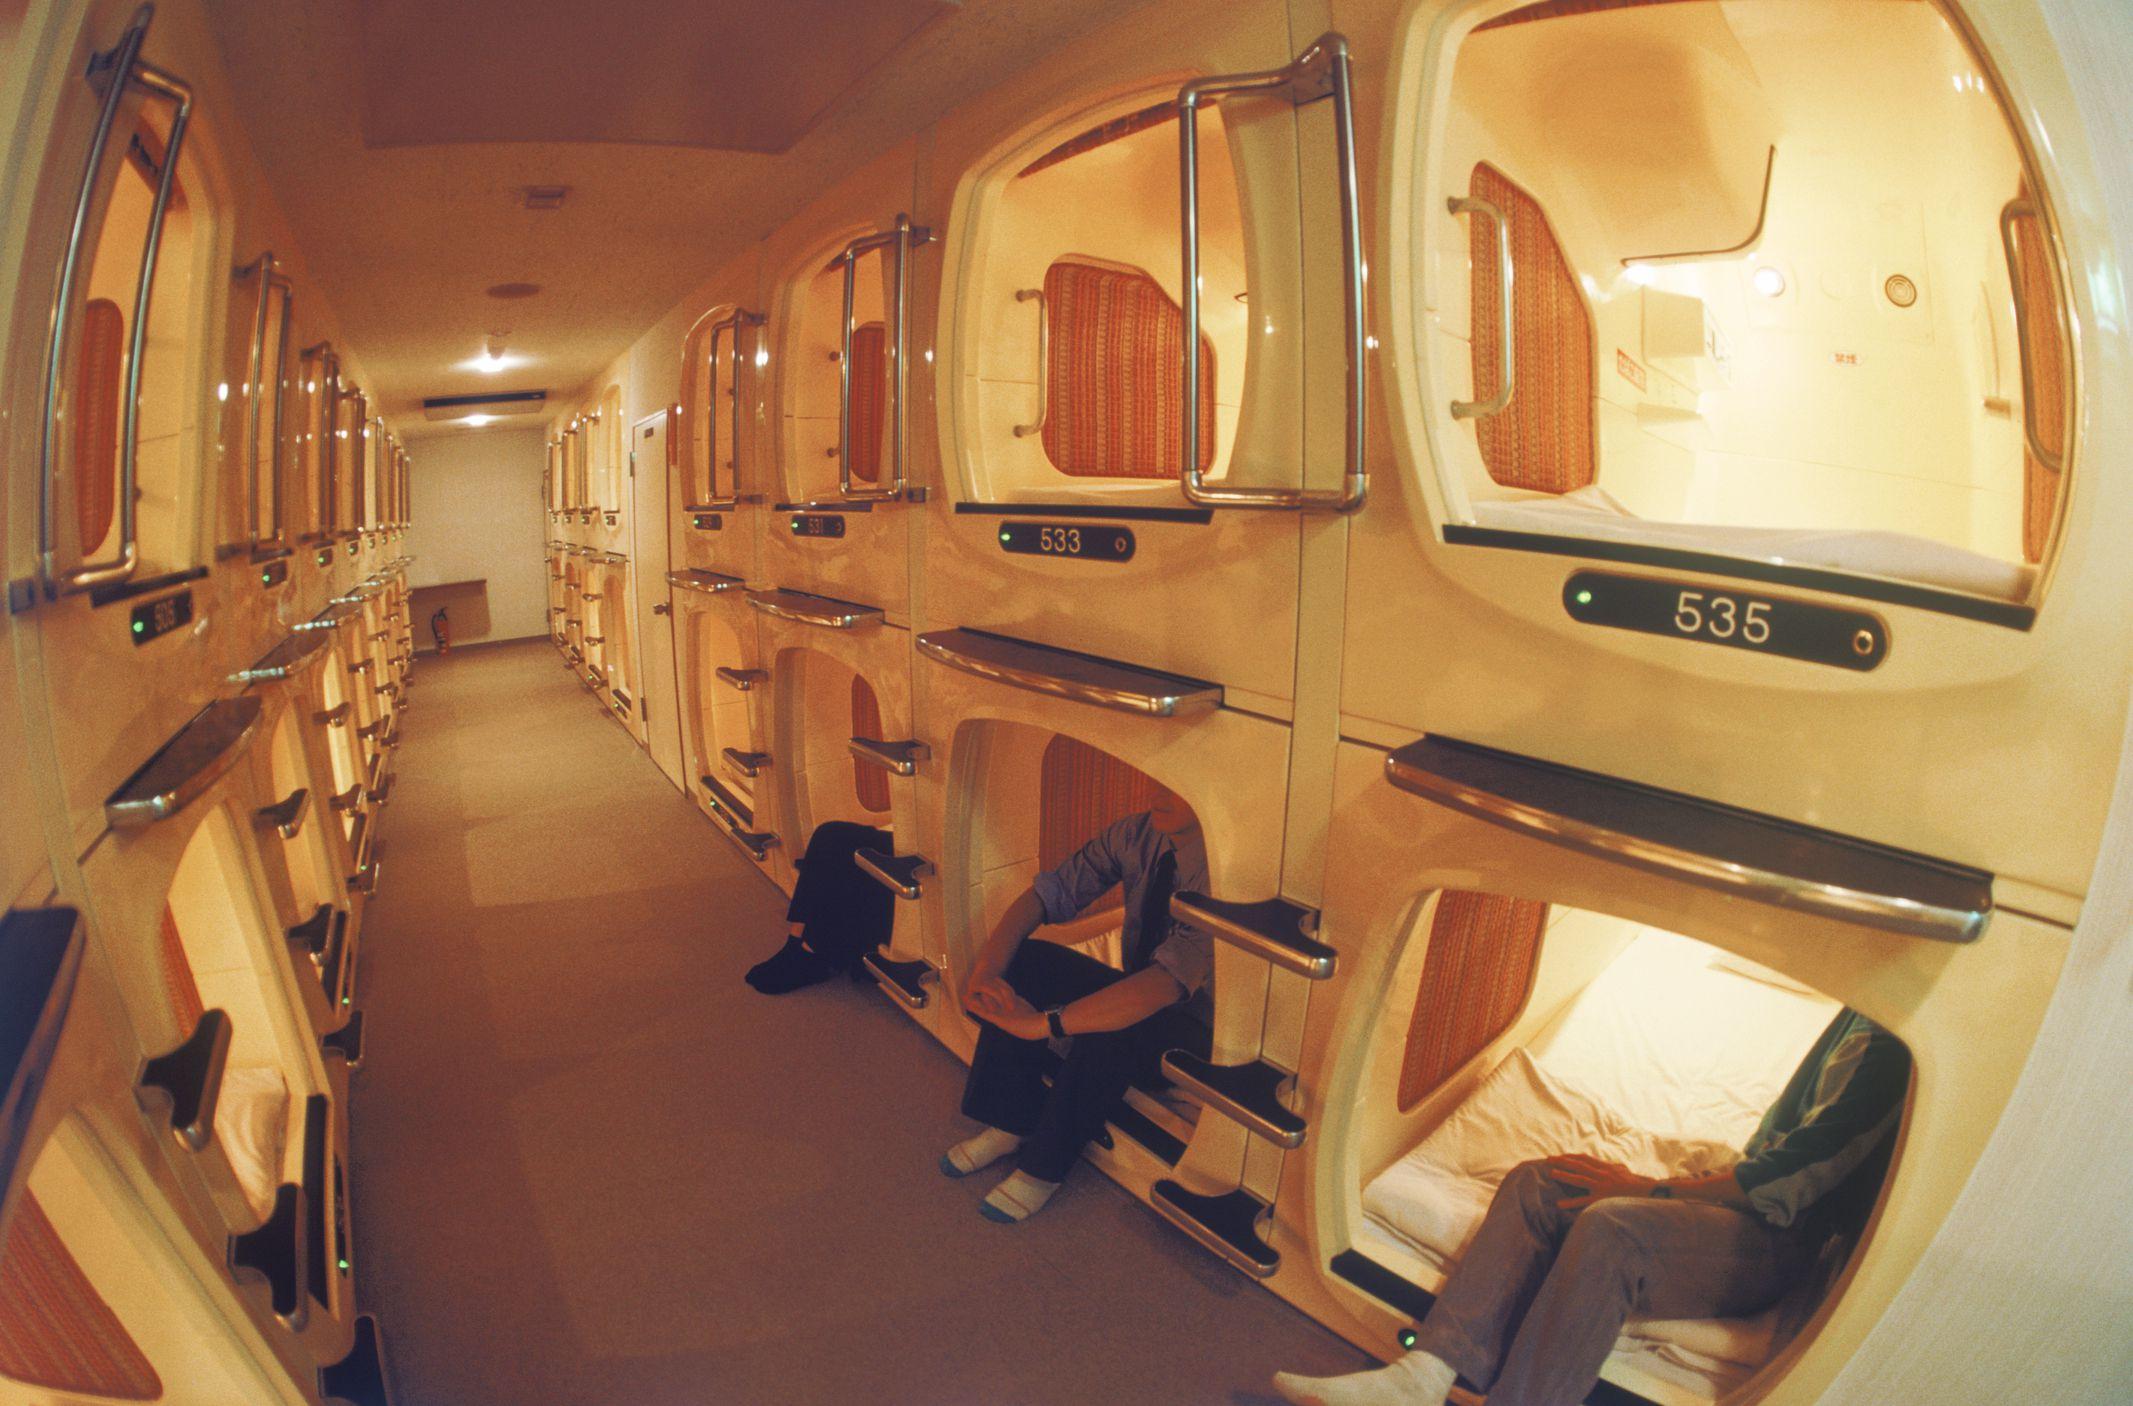 Hasil gambar untuk capsule hotel full